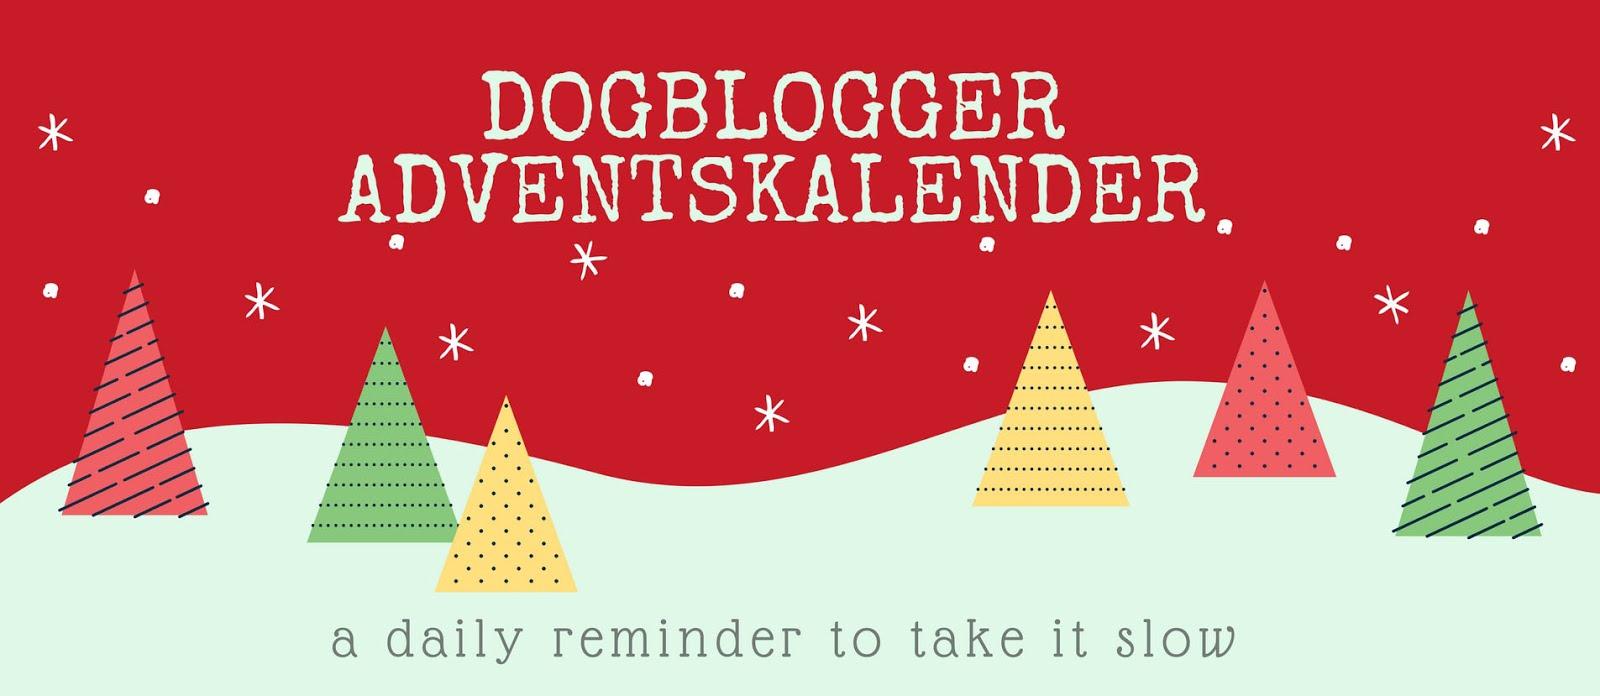 Dogblogger-Adventskalender